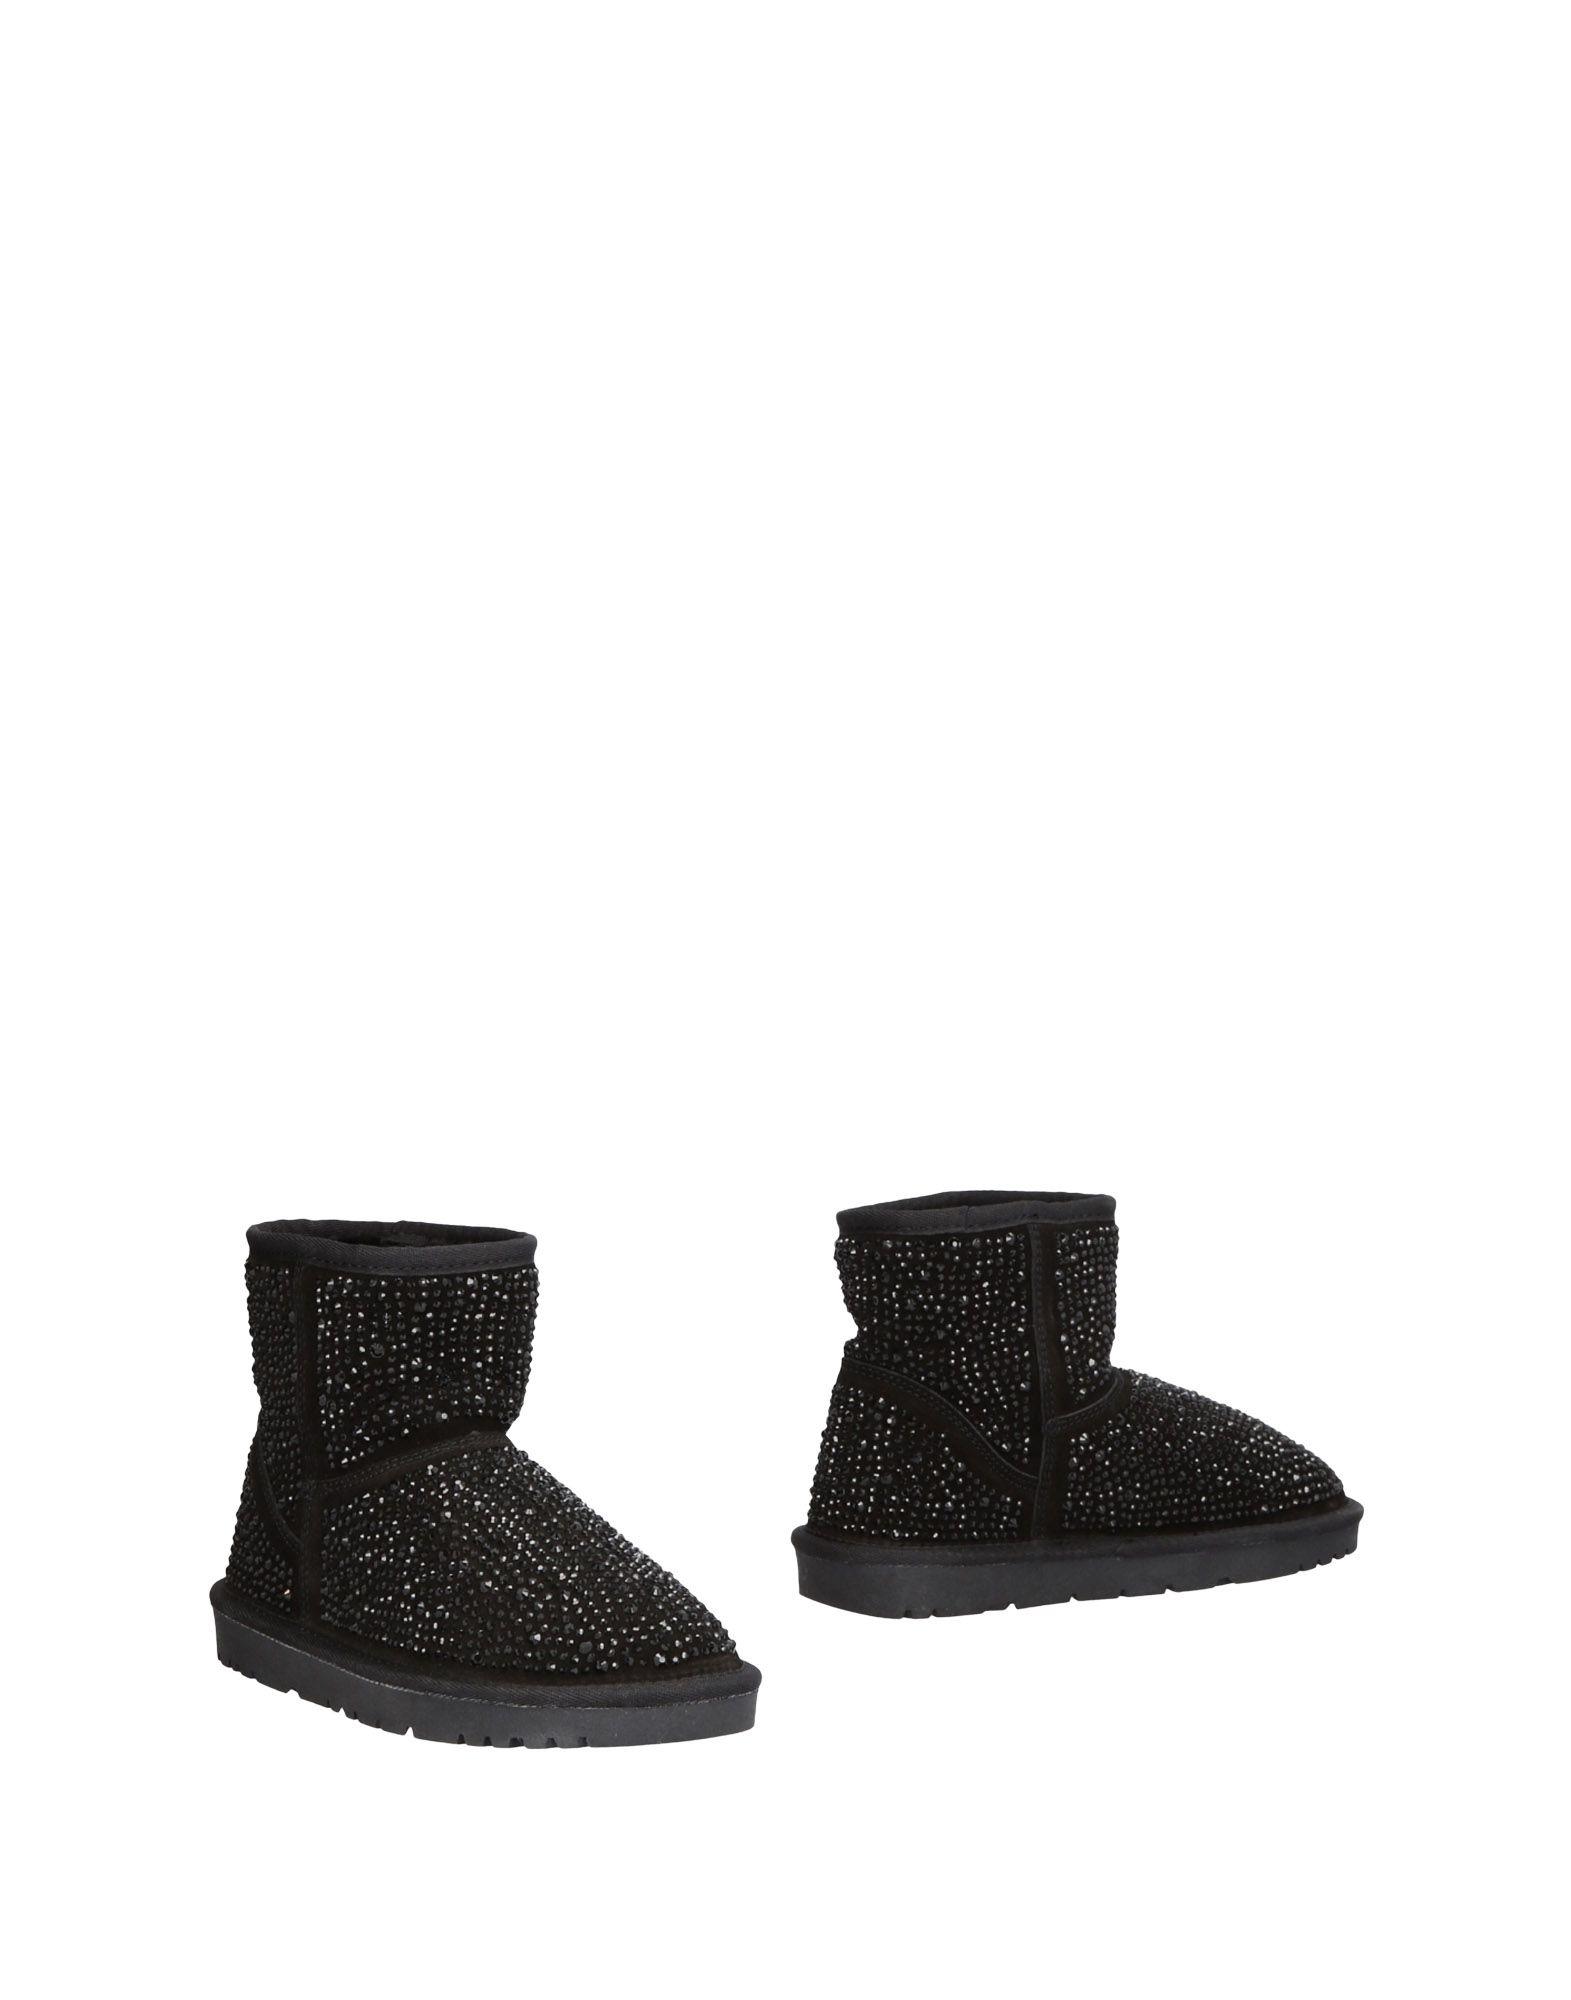 Sara López Stiefelette Damen  11467467BX Gute Qualität beliebte Schuhe